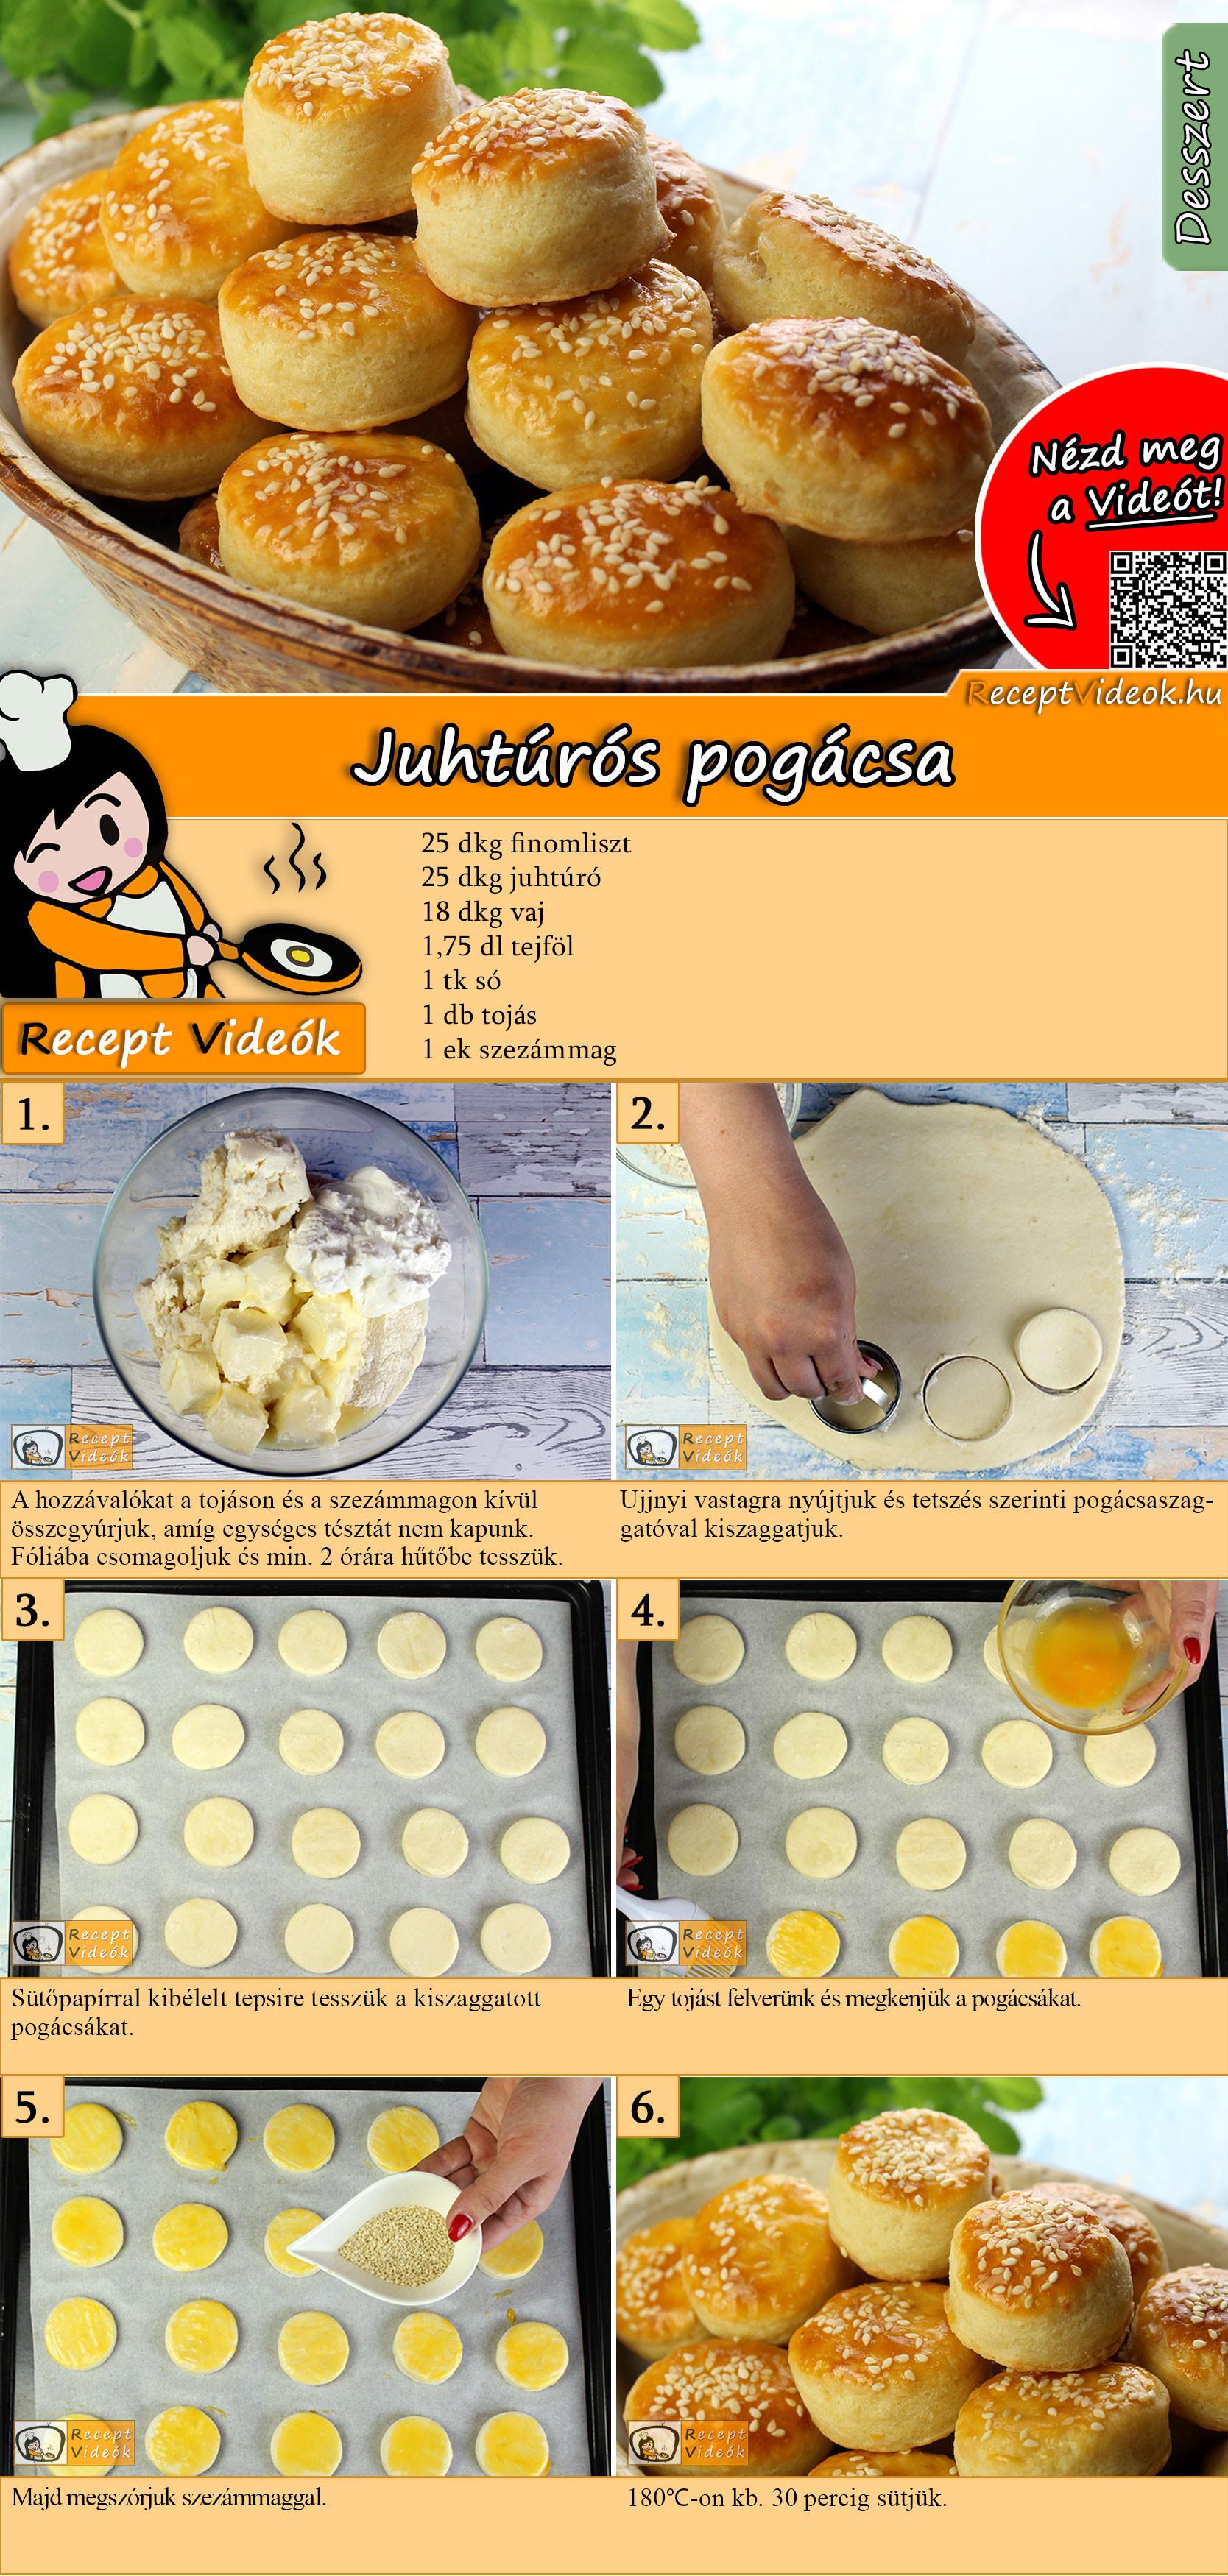 Juhtúrós pogácsa recept elkészítése videóval